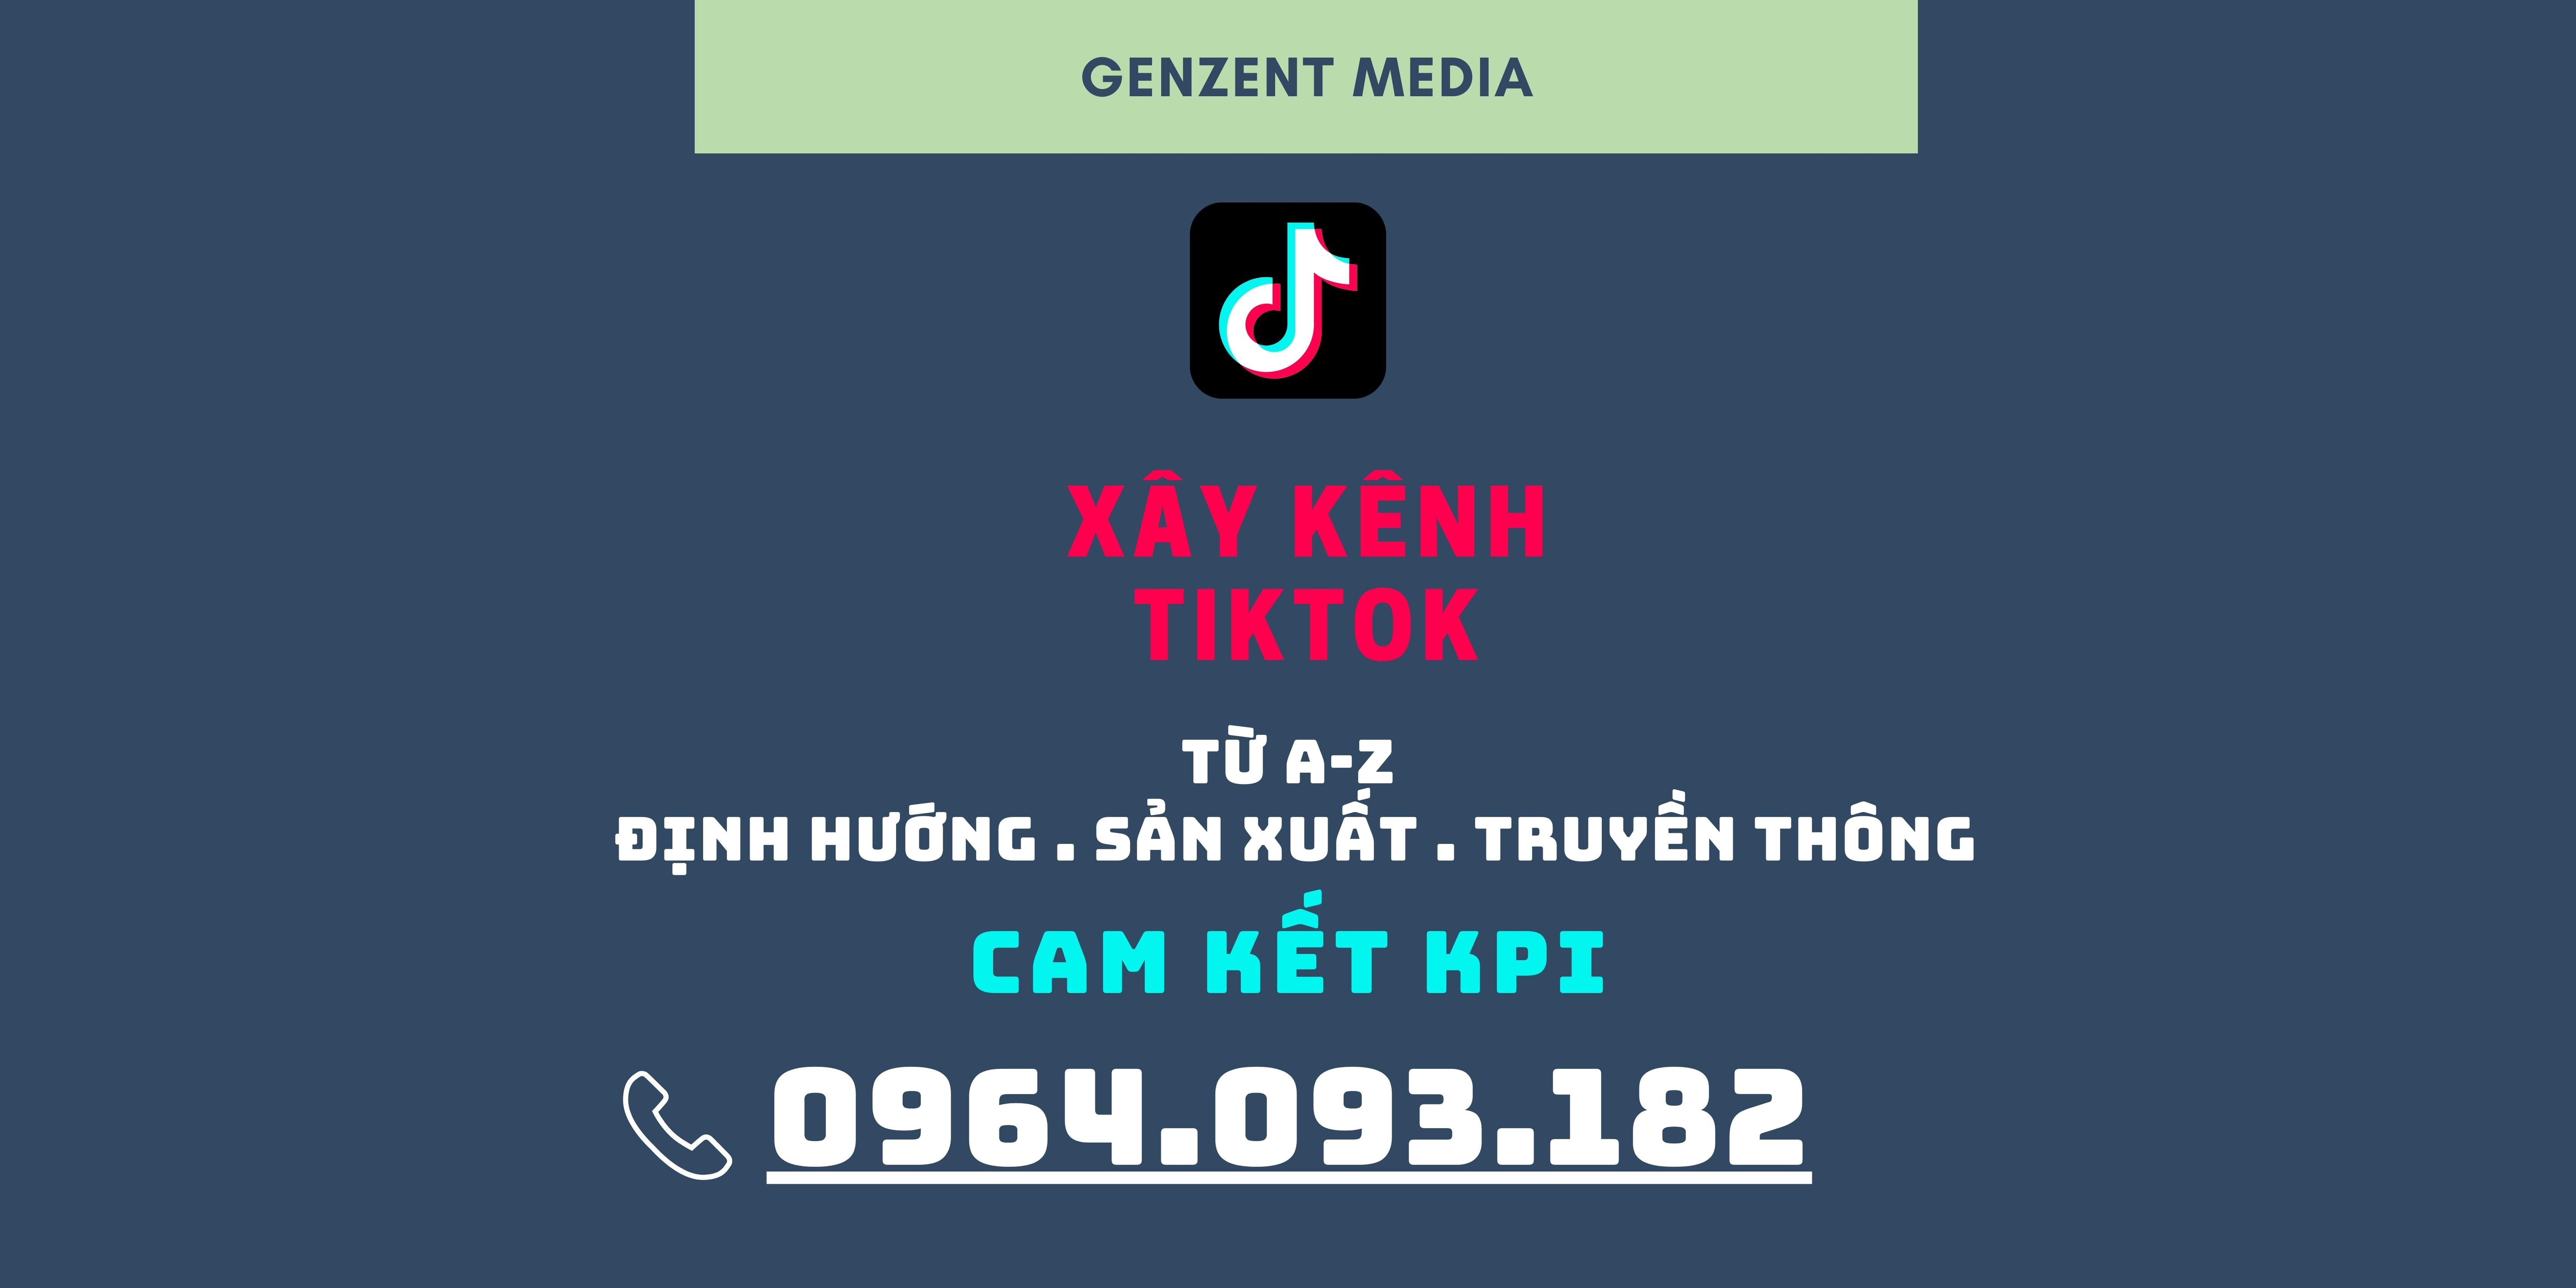 genzent-media-1626582171.jpg